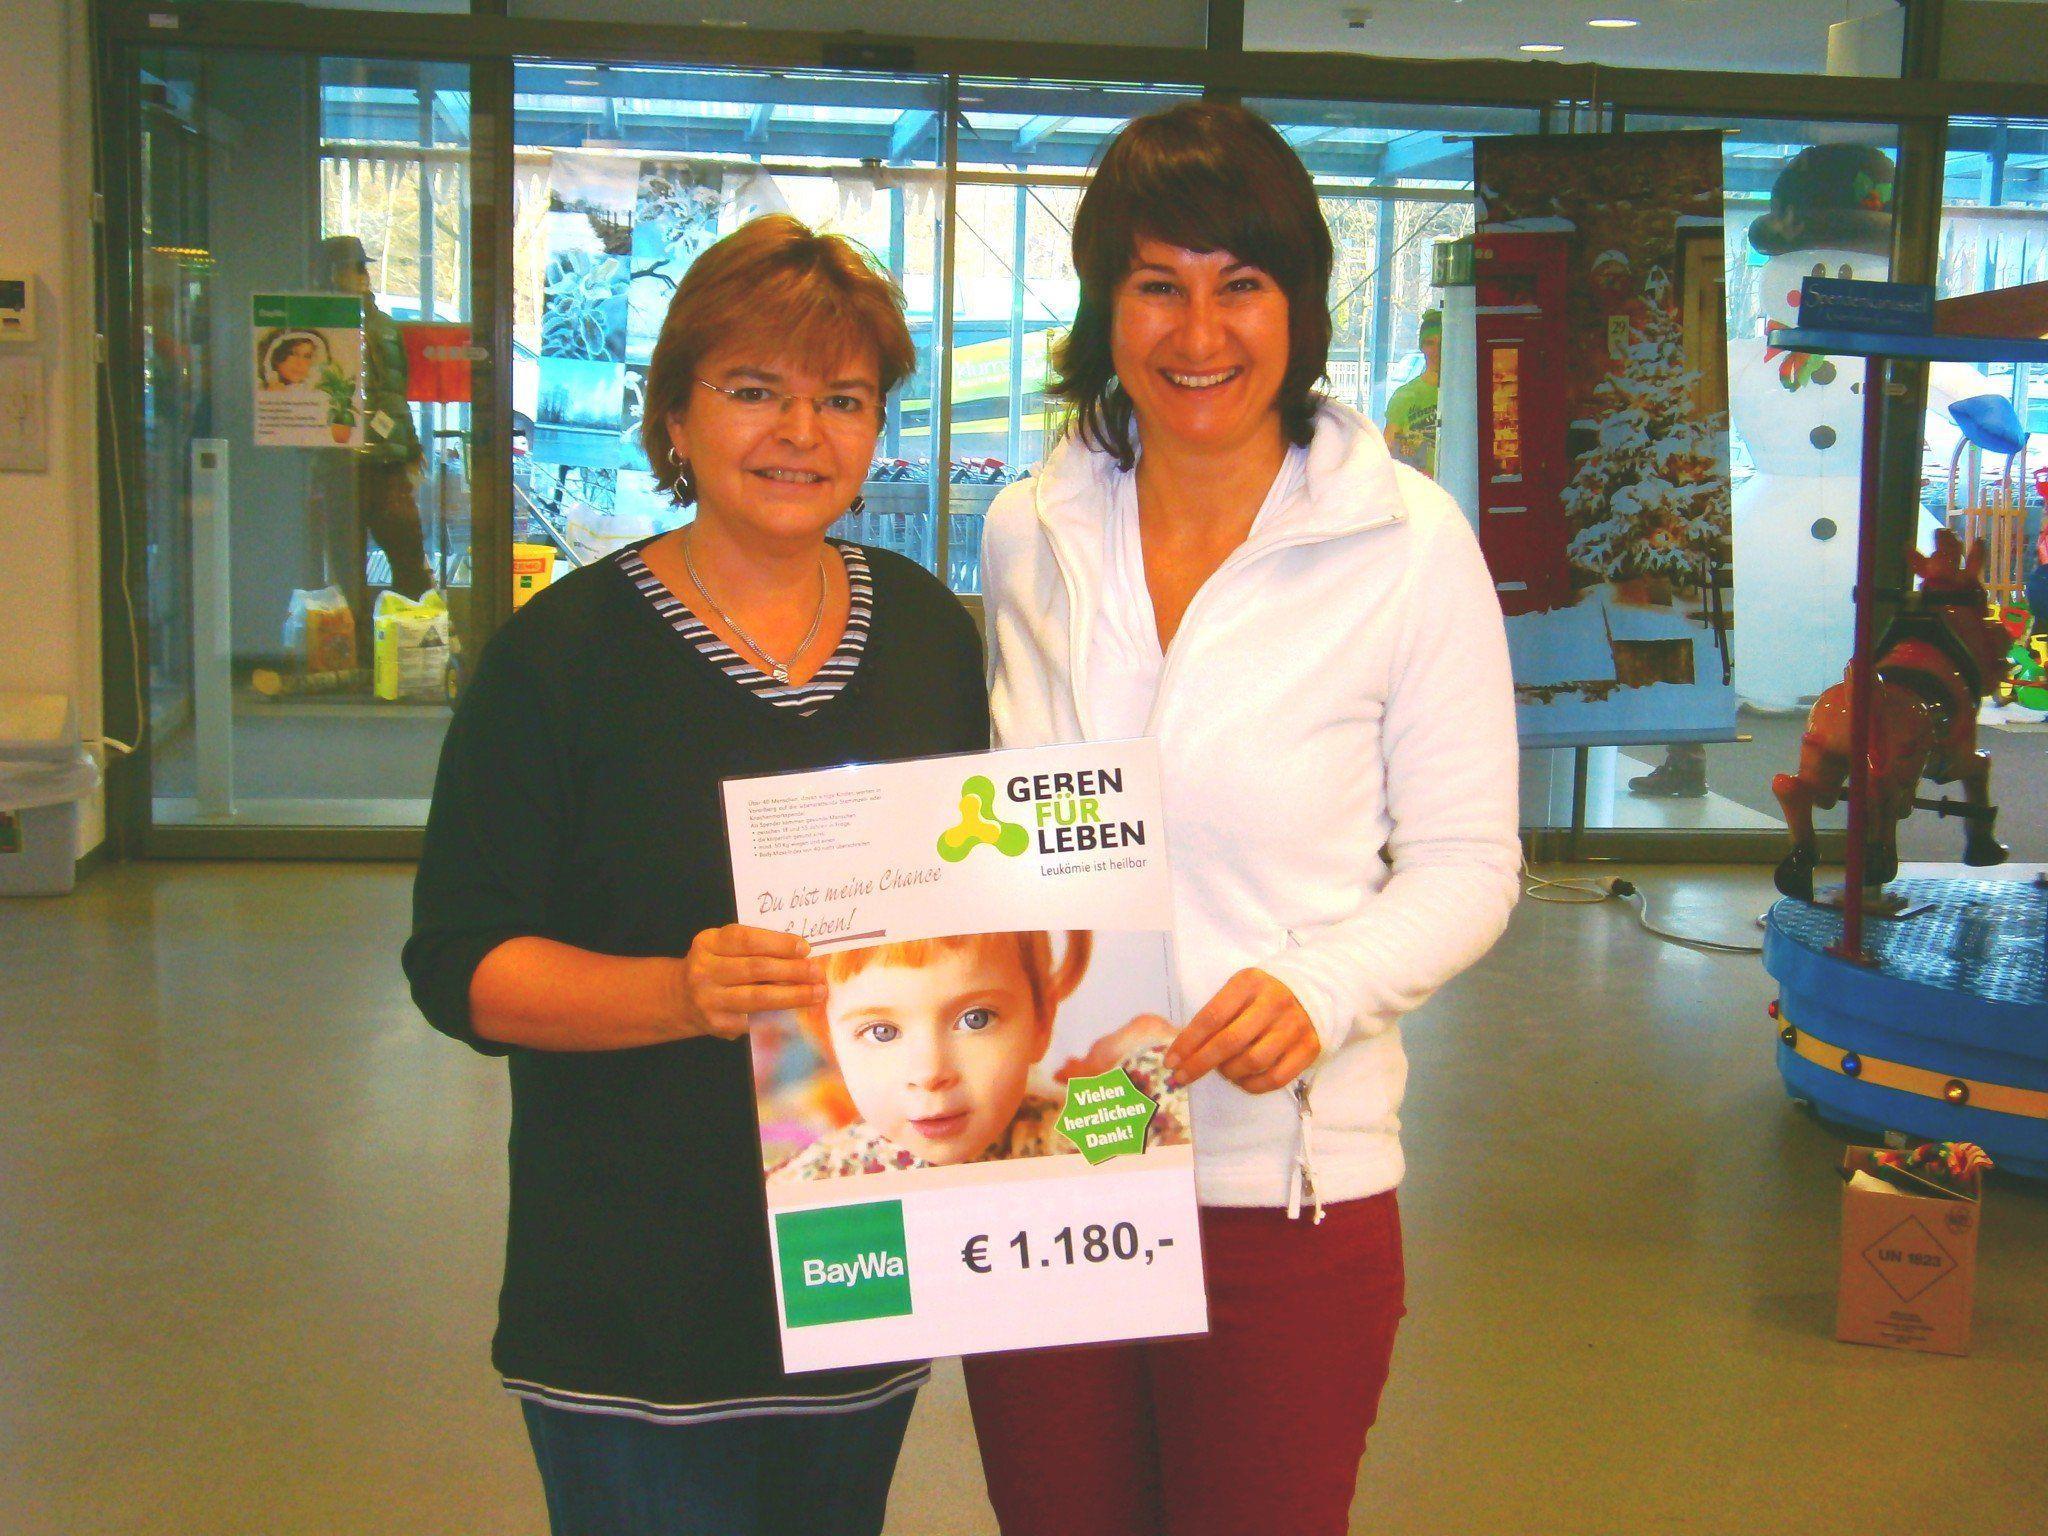 Silvia Burkhart (BayWa) und Susanne Marosch - Durch das Netzgeld vom Christbaumverkauf und den Verpackungsservice von Geschenken wurde ein Spendenbetrag von 1180 Euro eingenommen.